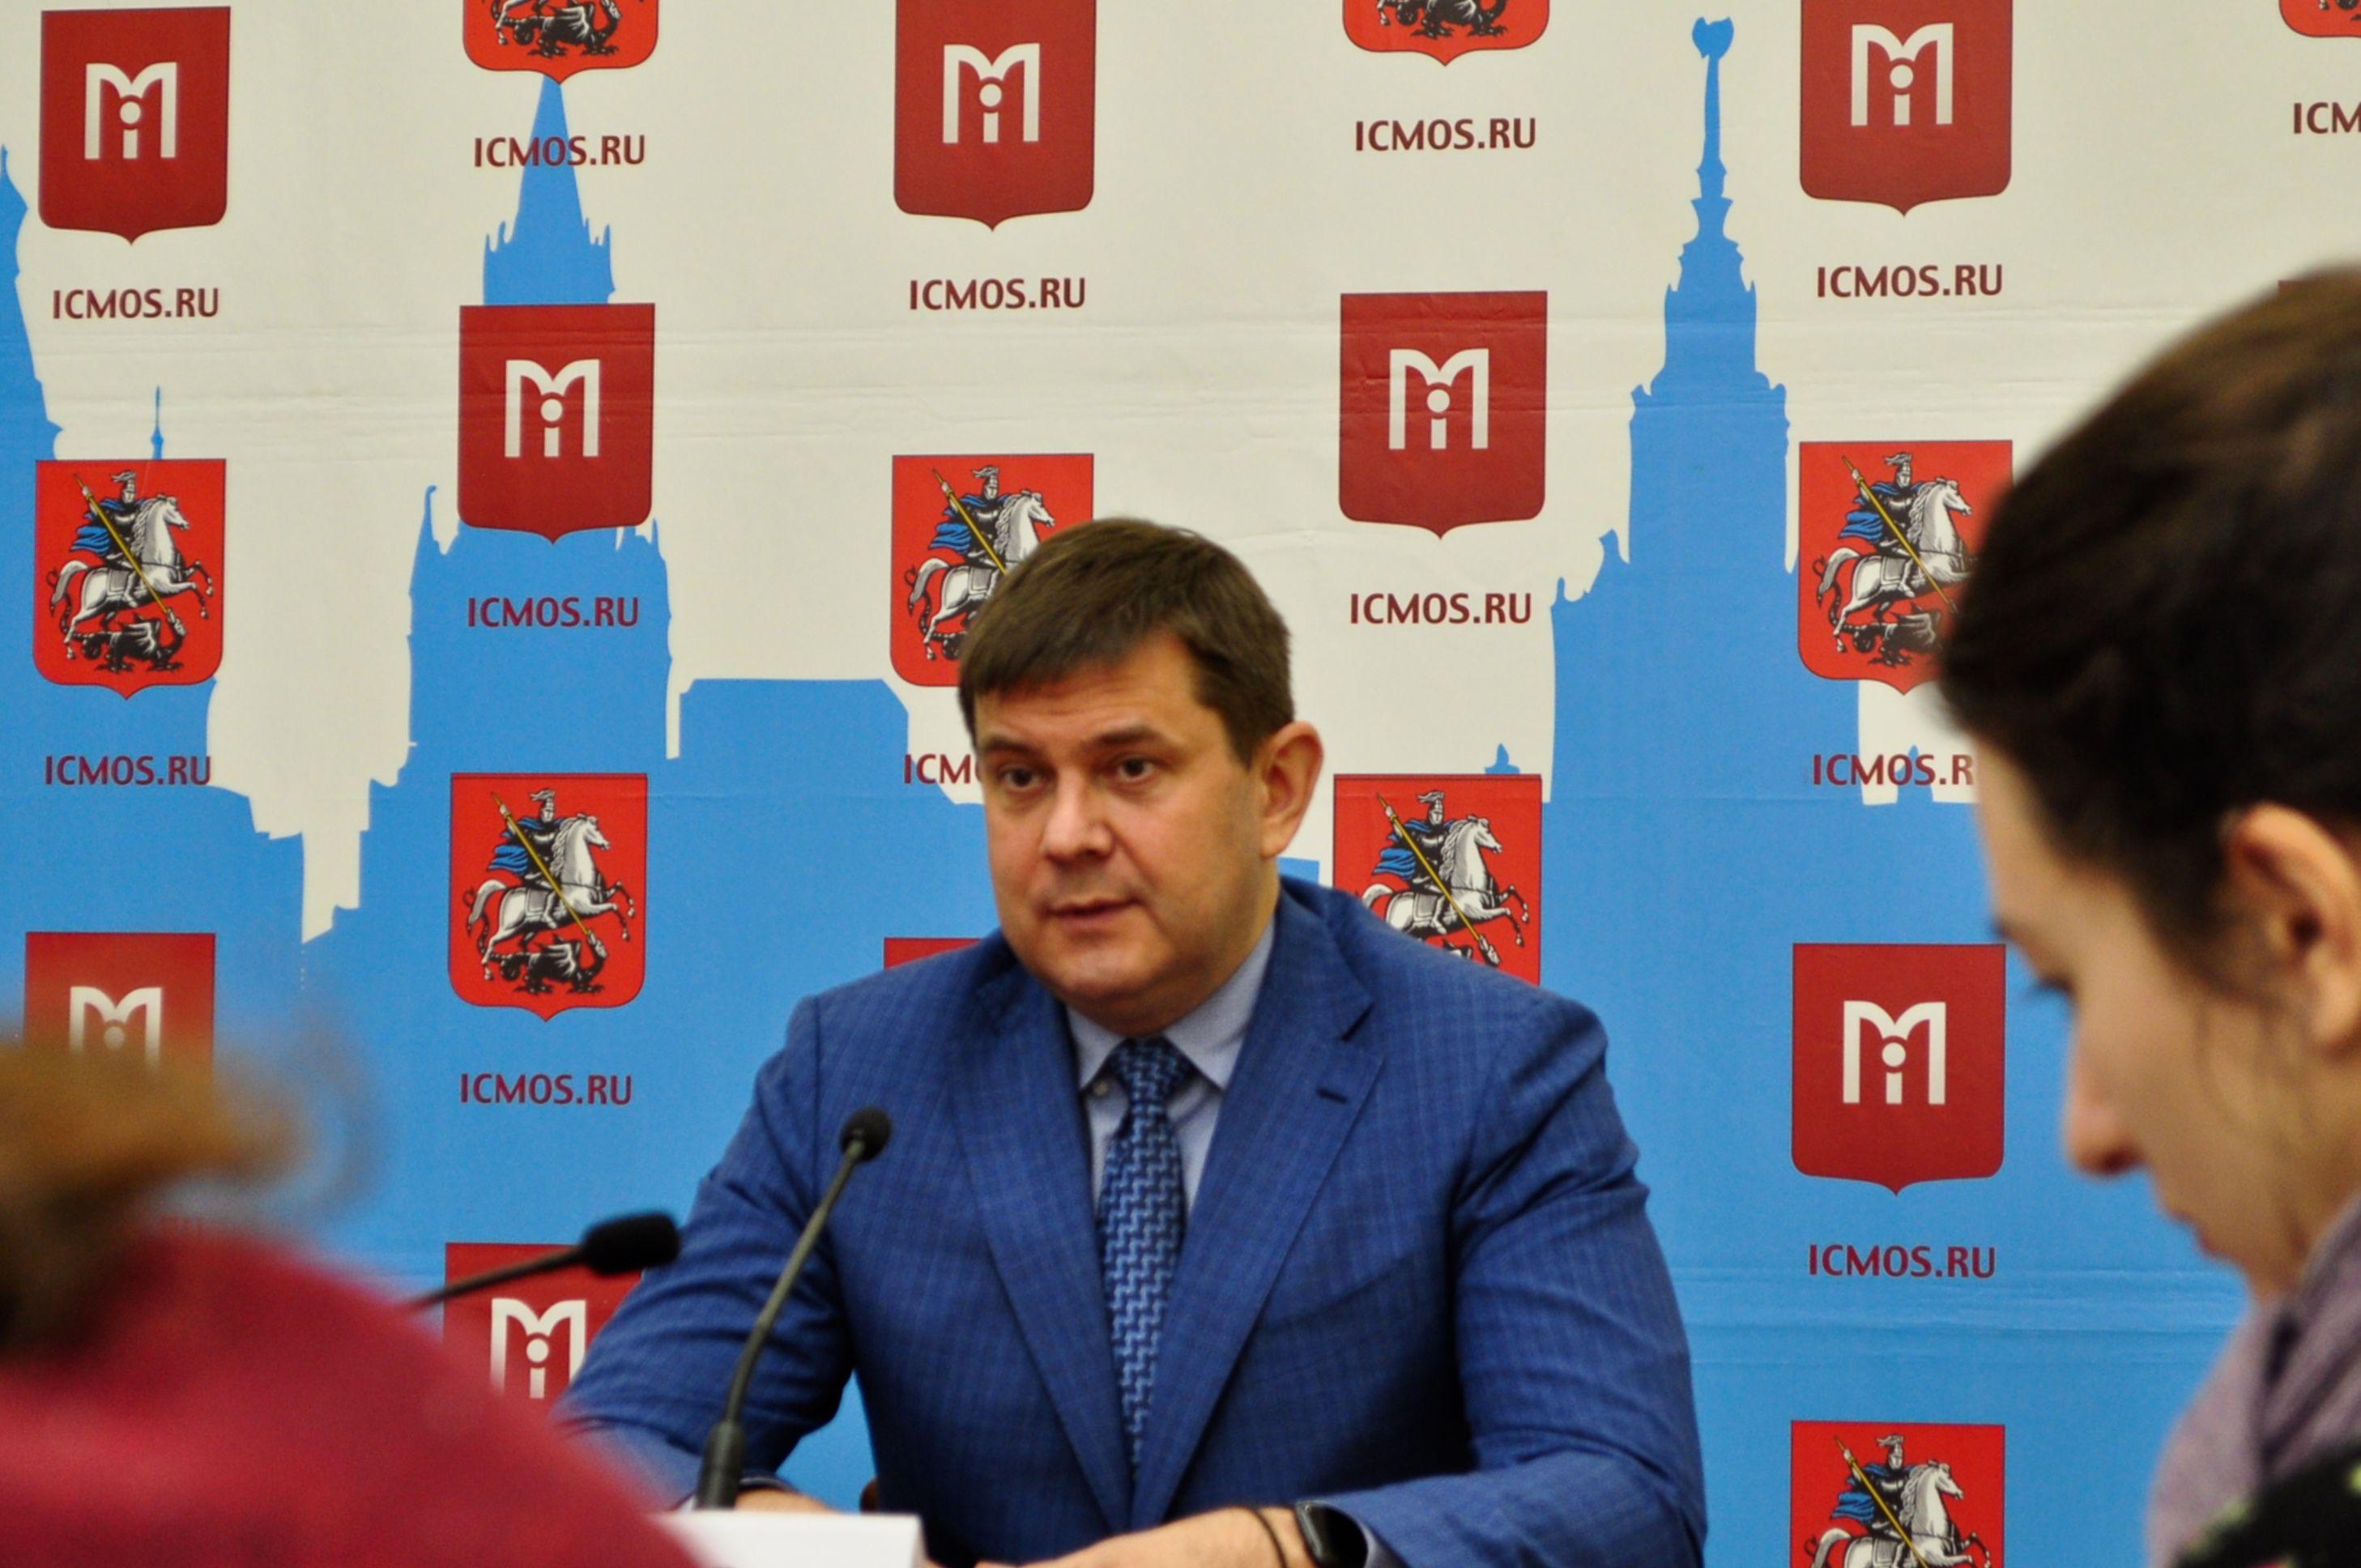 Журналистам рассказали о программе проведения Дня исторического и культурного наследия